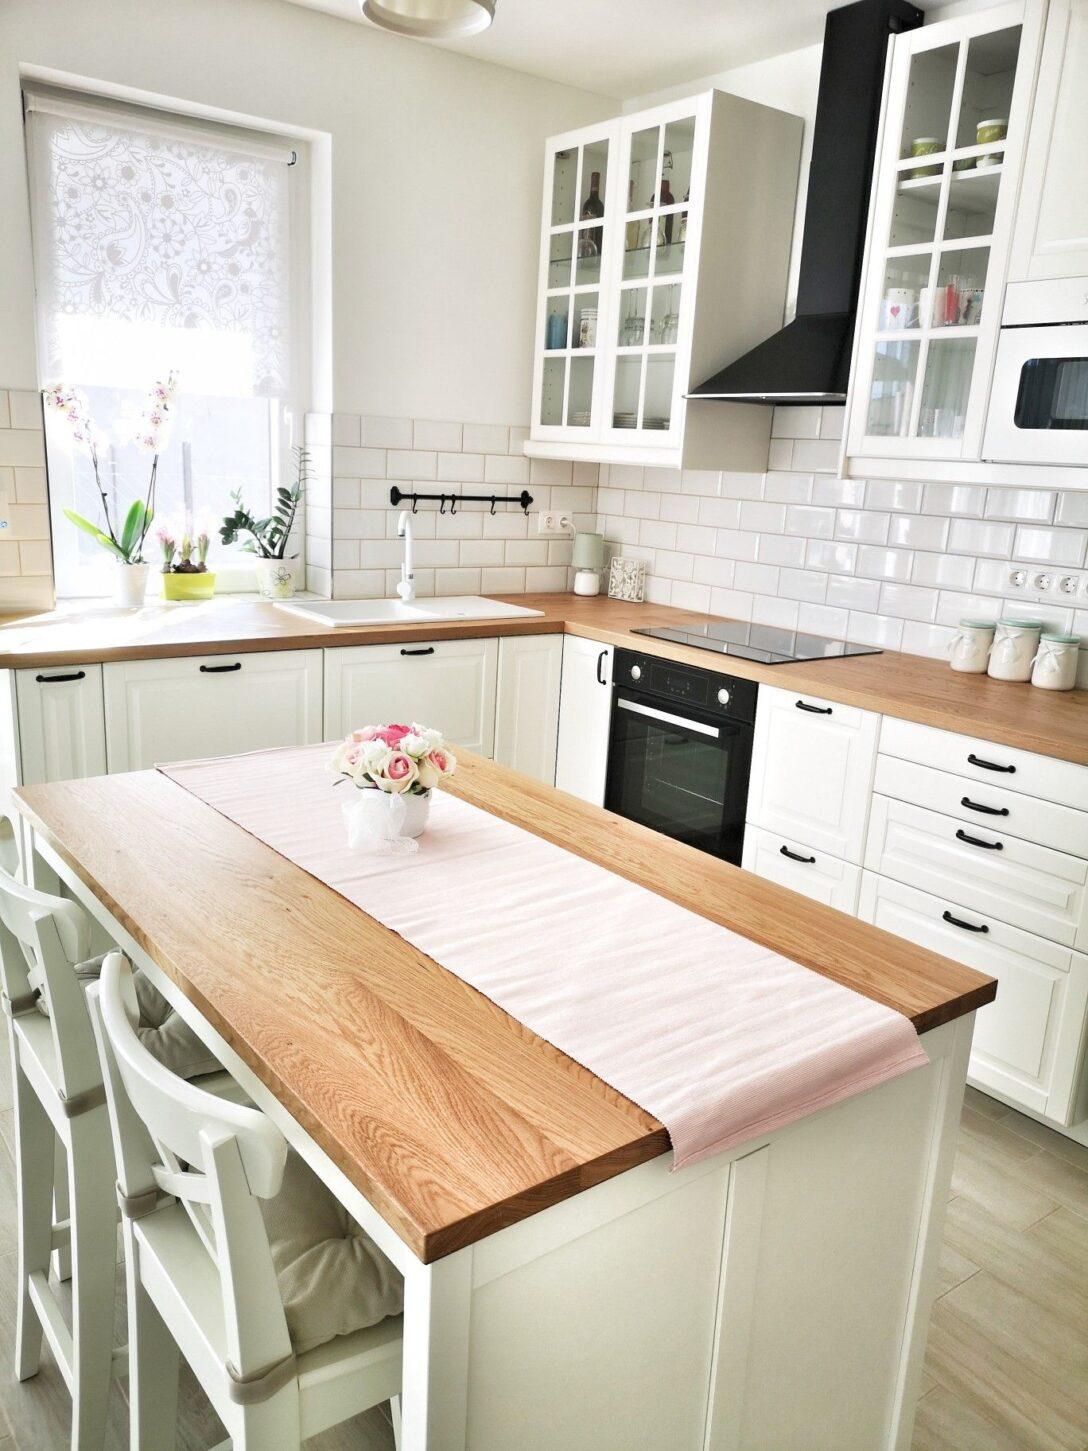 Large Size of Spring Is Coming Ikea Bodbyn Kitchen White Miniküche Vorhänge Küche Sofa Mit Schlaffunktion L Kleine Einrichten Wasserhahn Sitzecke Bett 180x200 Bettkasten Wohnzimmer Ikea Küche Mit Insel